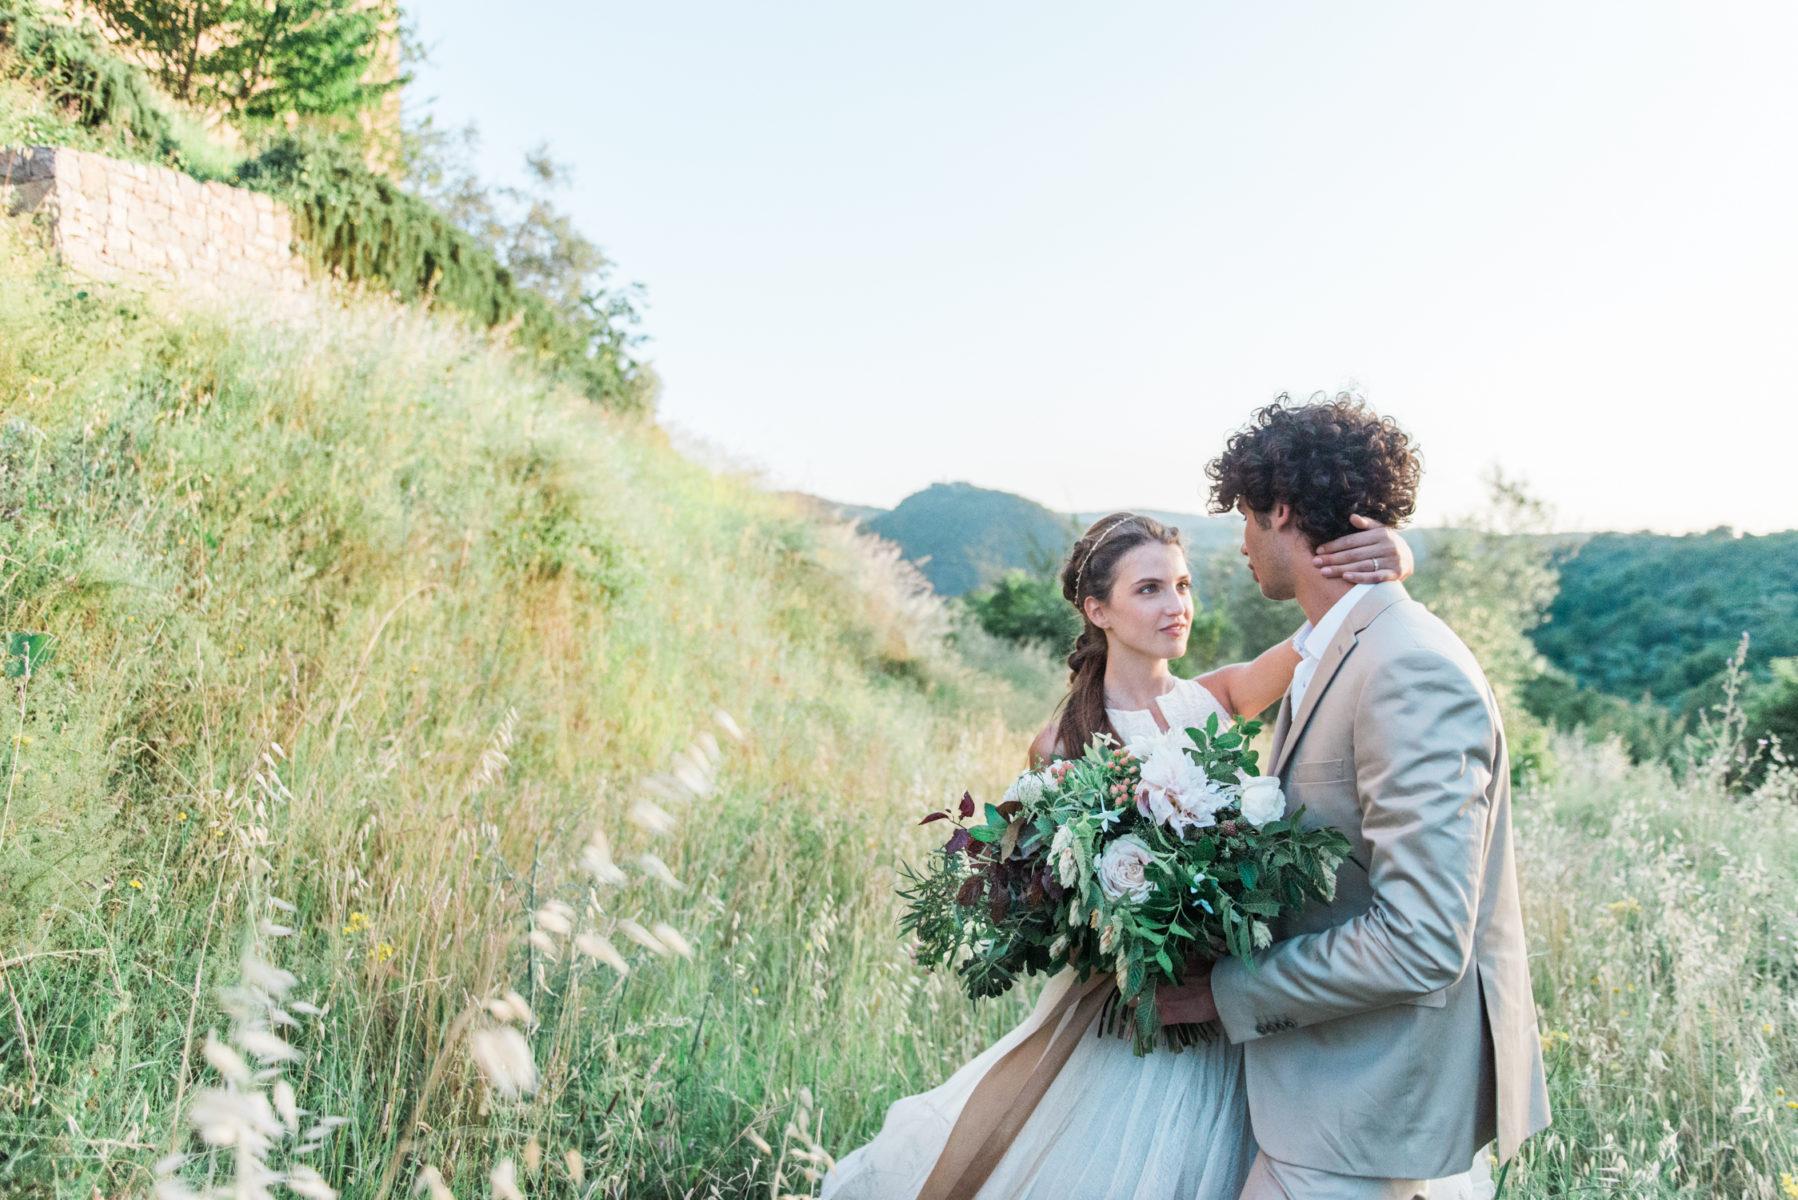 Trouwfotograaf Italië - Trouwfotograaf in Italië door een Nederlandse trouwfotograaf zonder reiskosten